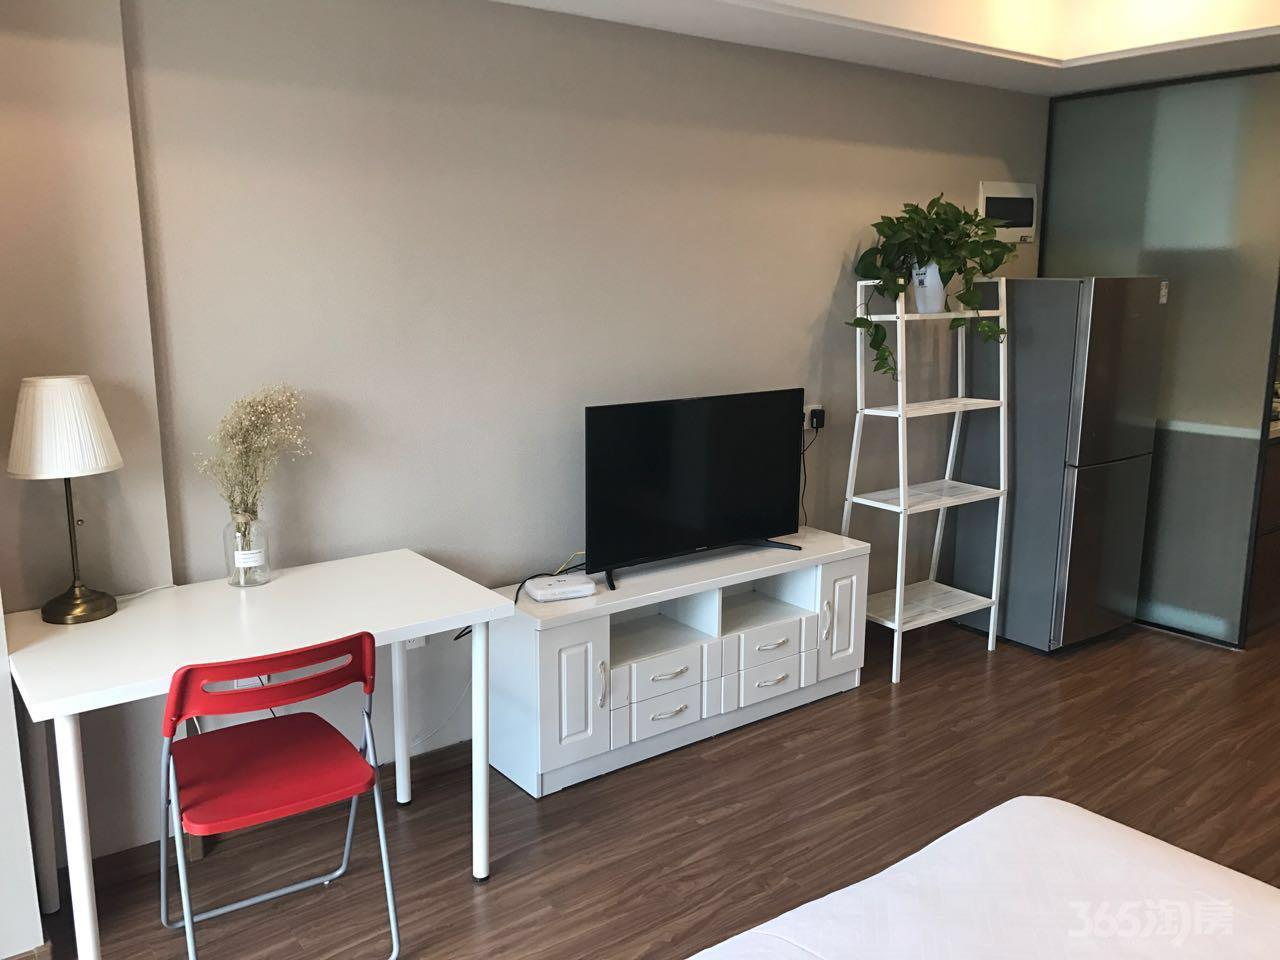 万科九都荟公寓1室1厅1卫44平米精装产权房2017年建